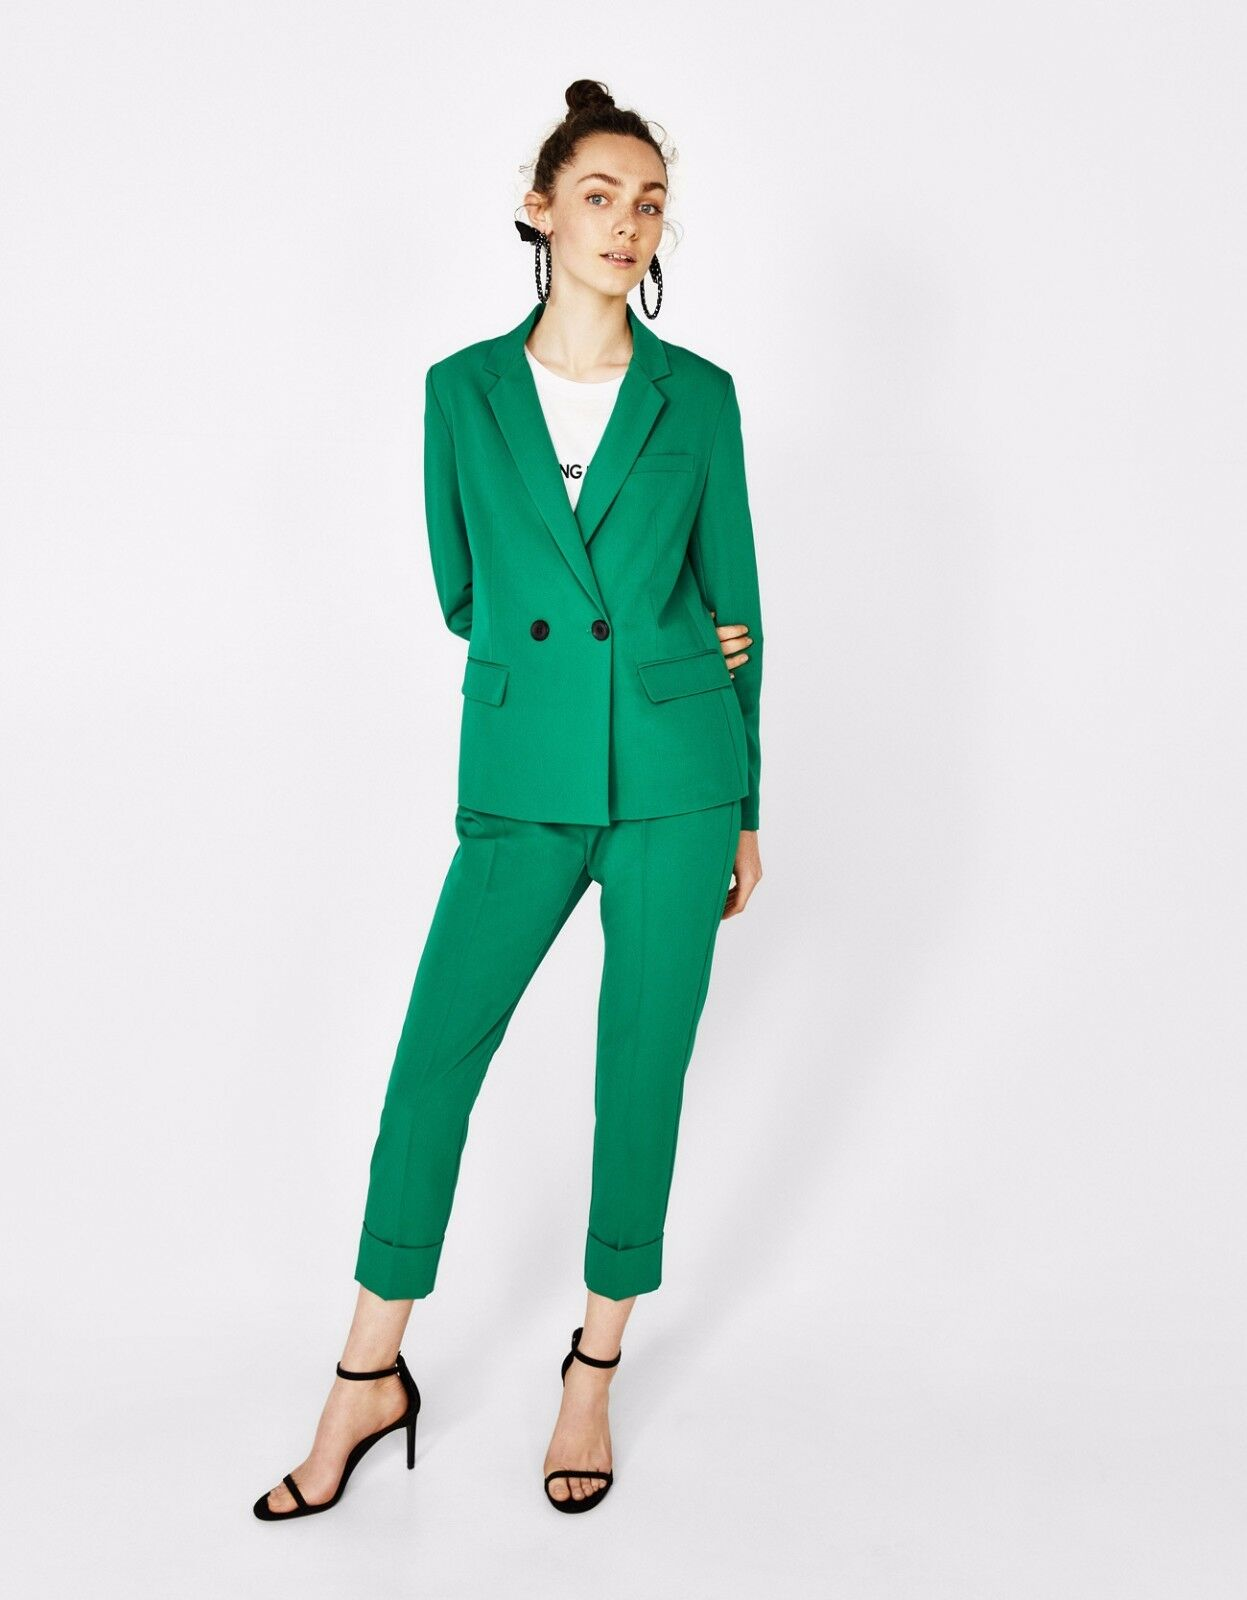 ذات اللون الأخضر